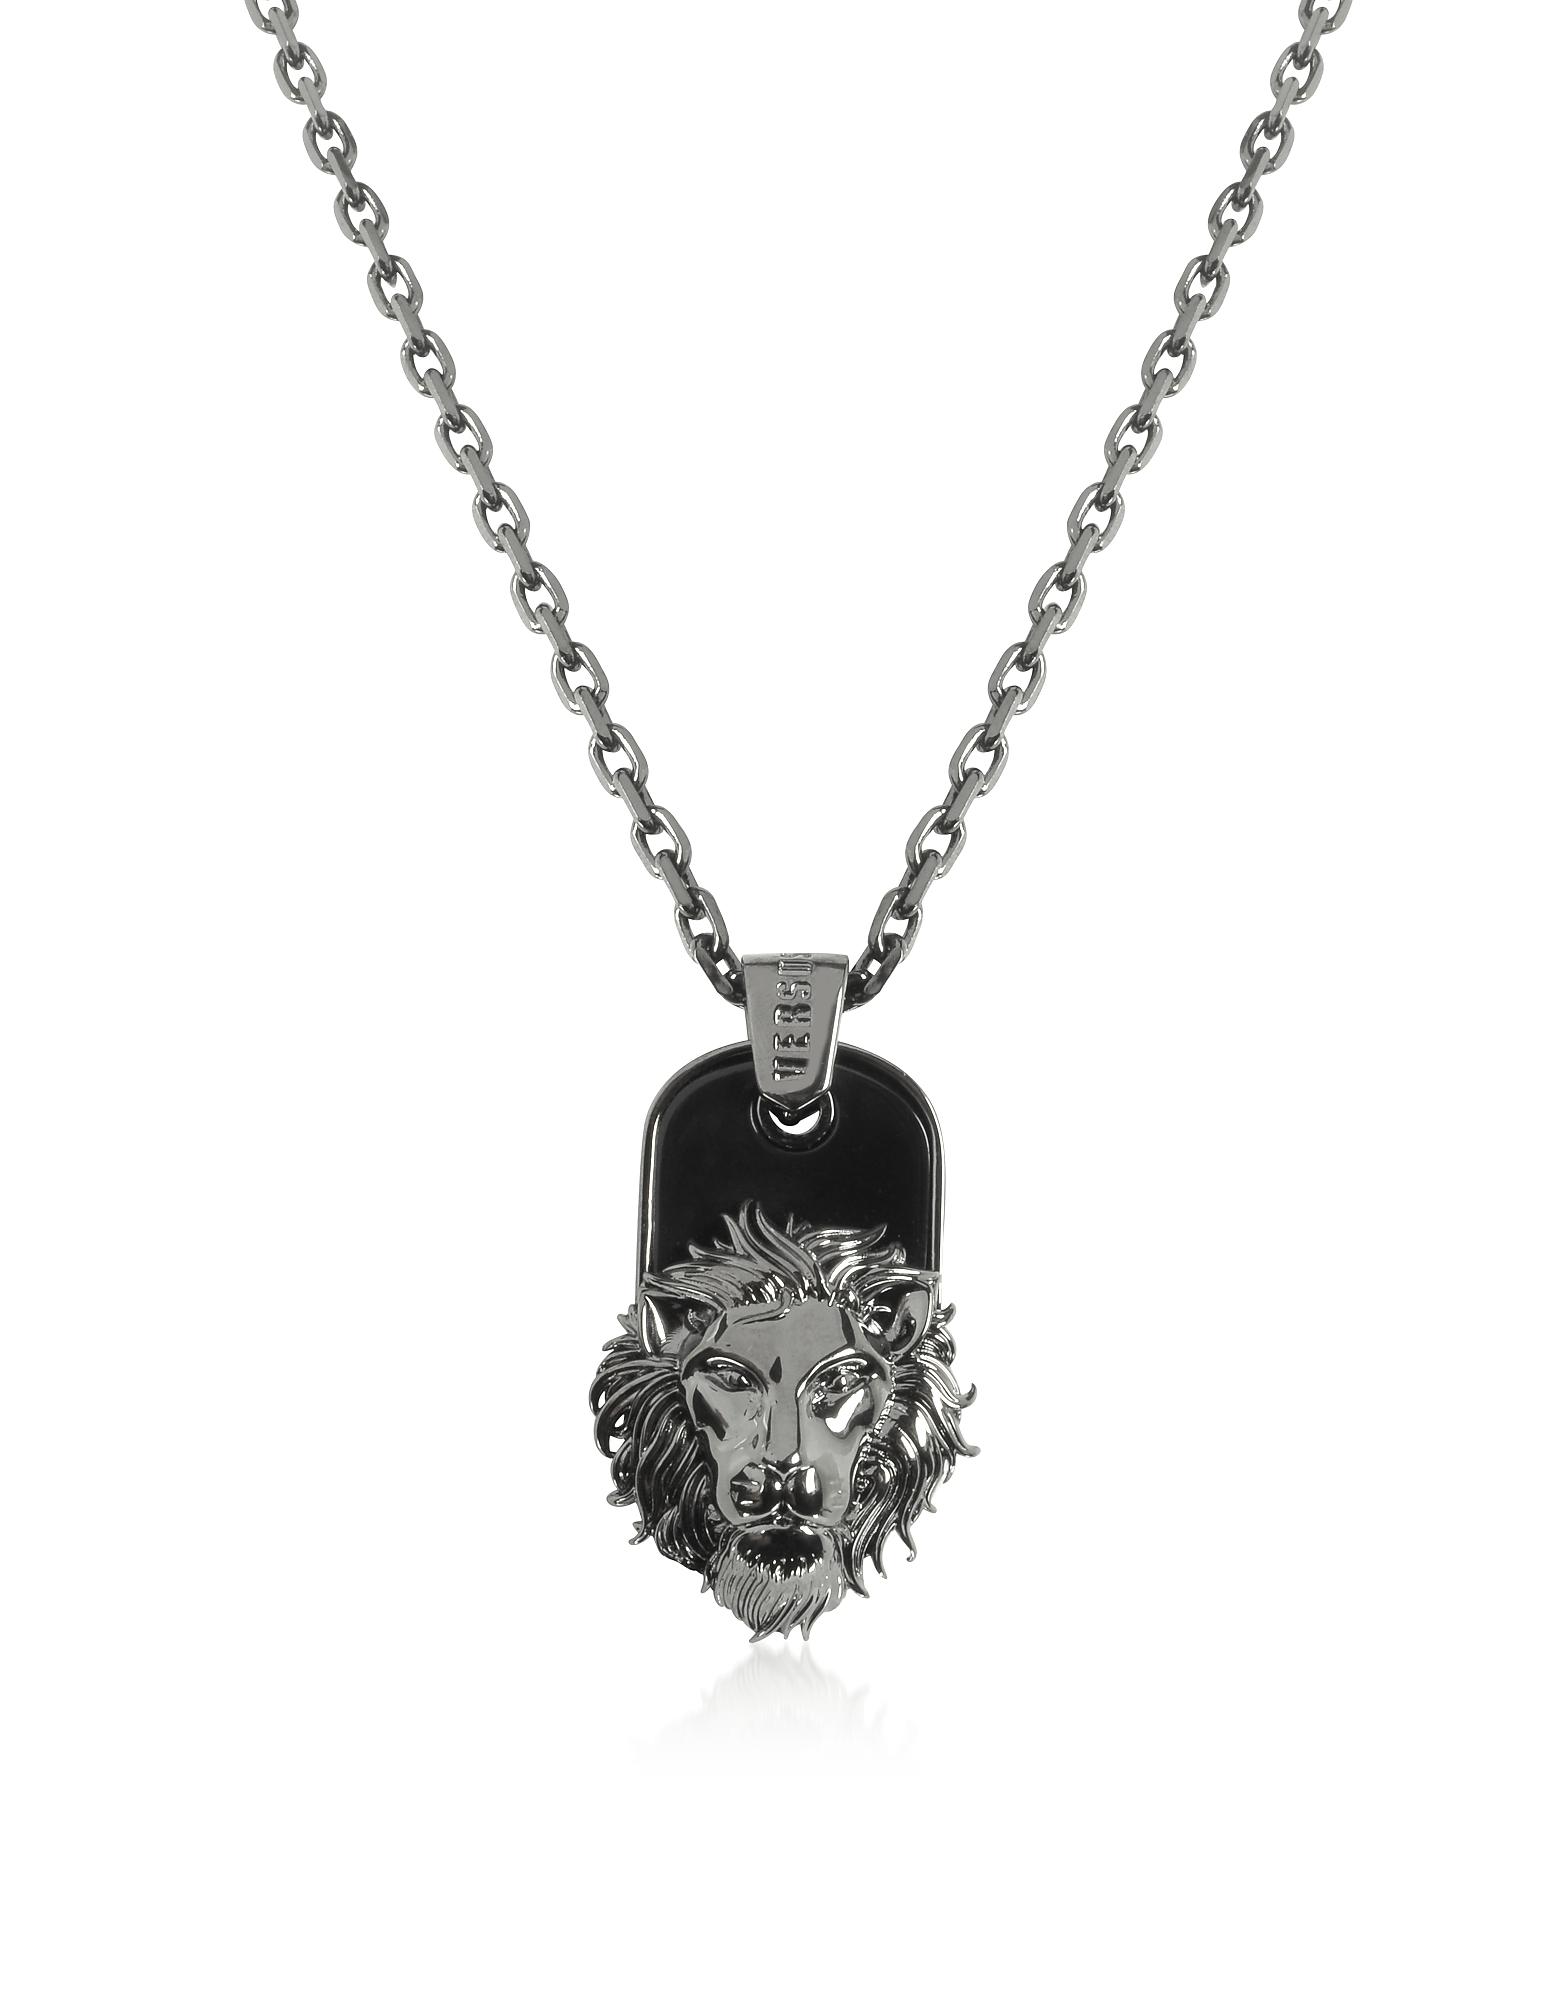 Black Enamel & Metal Necklace